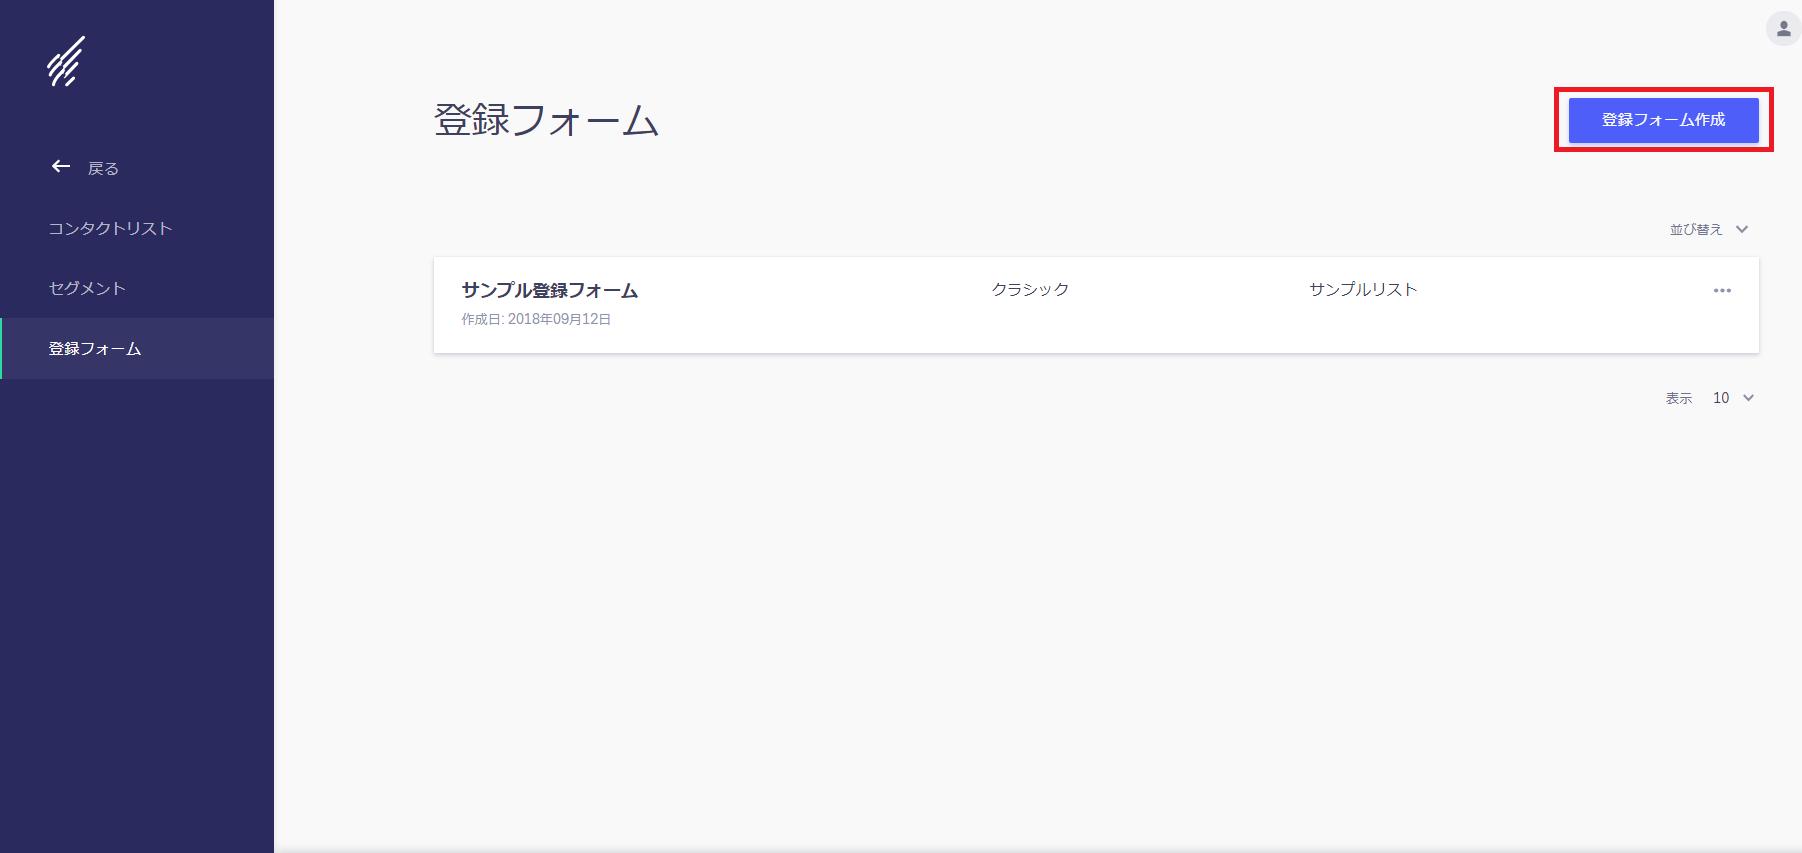 「登録フォーム作成」をクリック